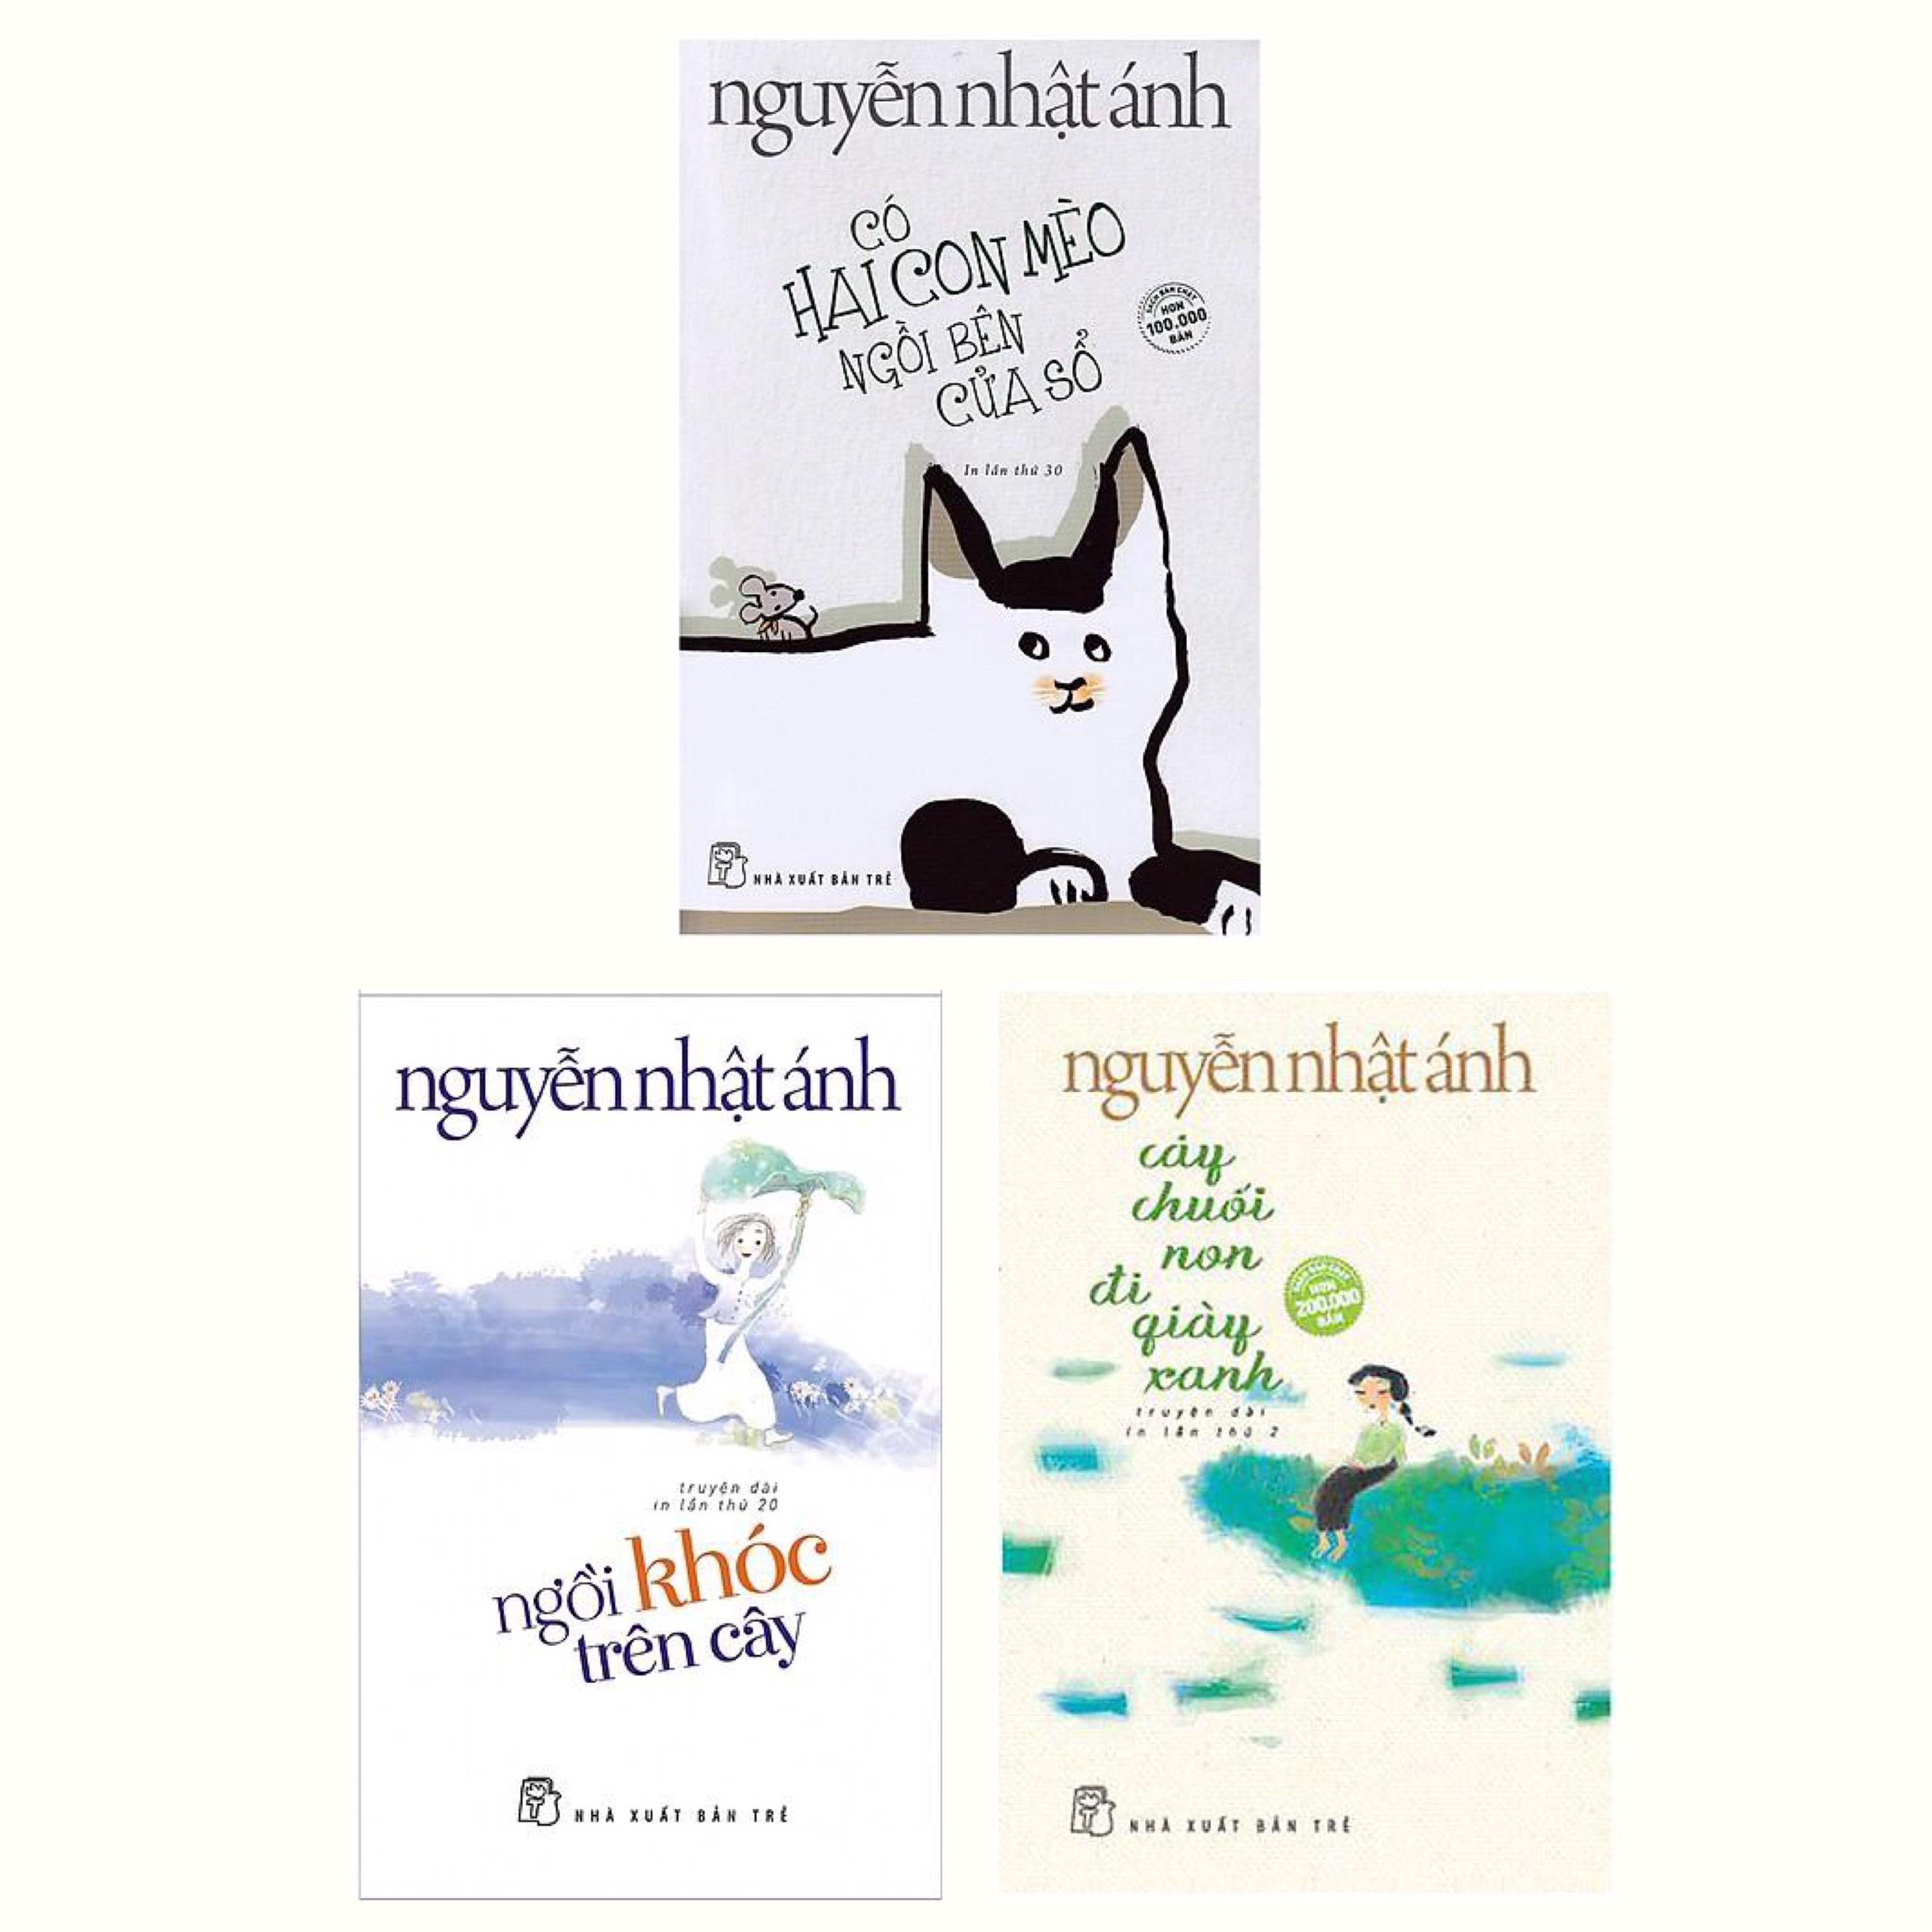 Combo Truyện Dài Đặc Sắc Của Tác Giả Nguyễn Nhật Ánh: Có Hai Con Mèo Ngồi Bên Cửa Sổ + Ngồi Khóc Trên Cây + Cây Chuối Non Đi Giày Xanh - Bìa Mềm